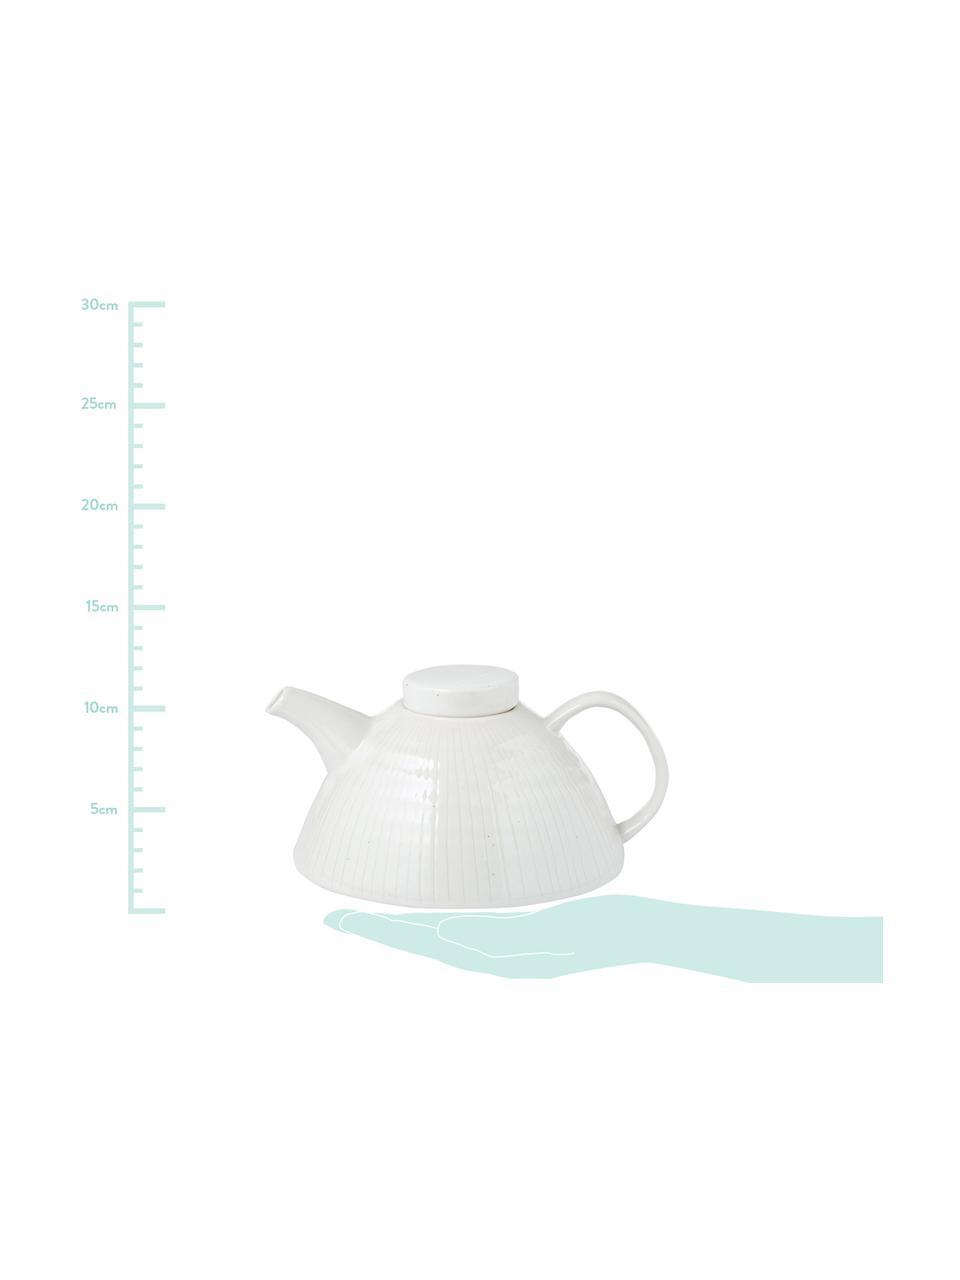 Handgemachte Teekanne Copenhagen mit feinen Streifen, 1 L, Steingut, Elfenbein mit feinen hellbeigen Streifen, 1 L